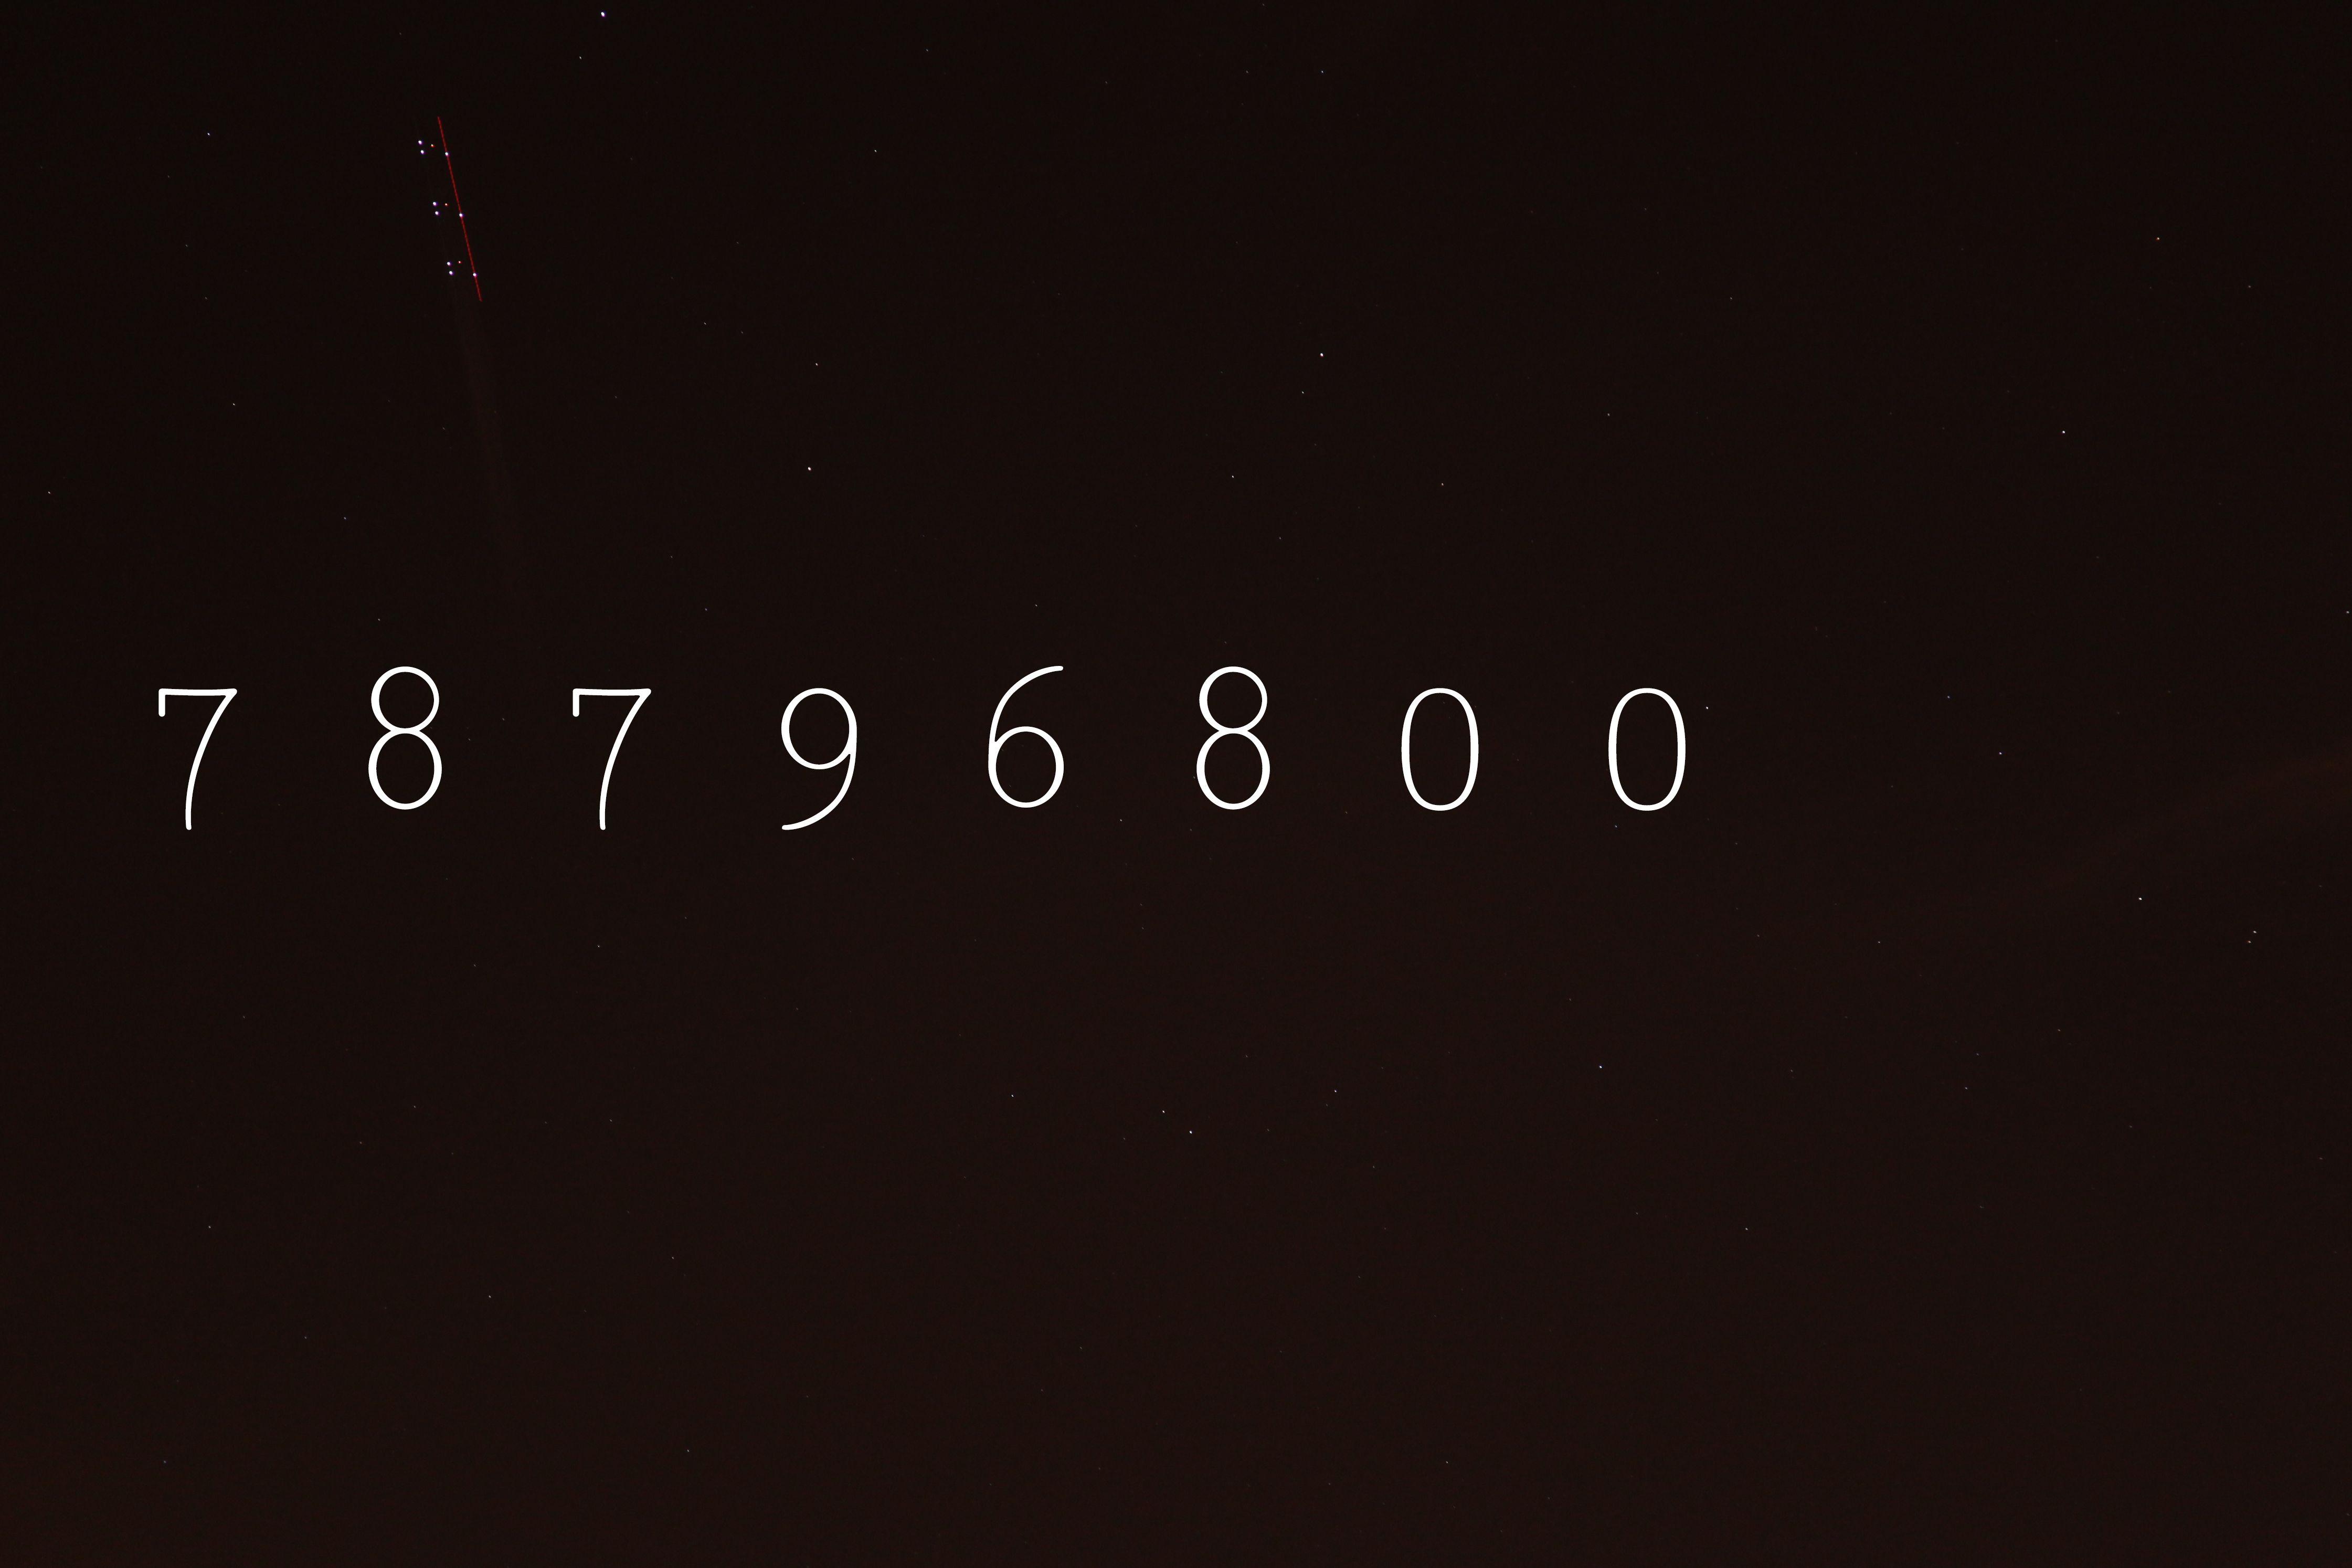 Leap Second, 30 June 1972 - 23:59:60